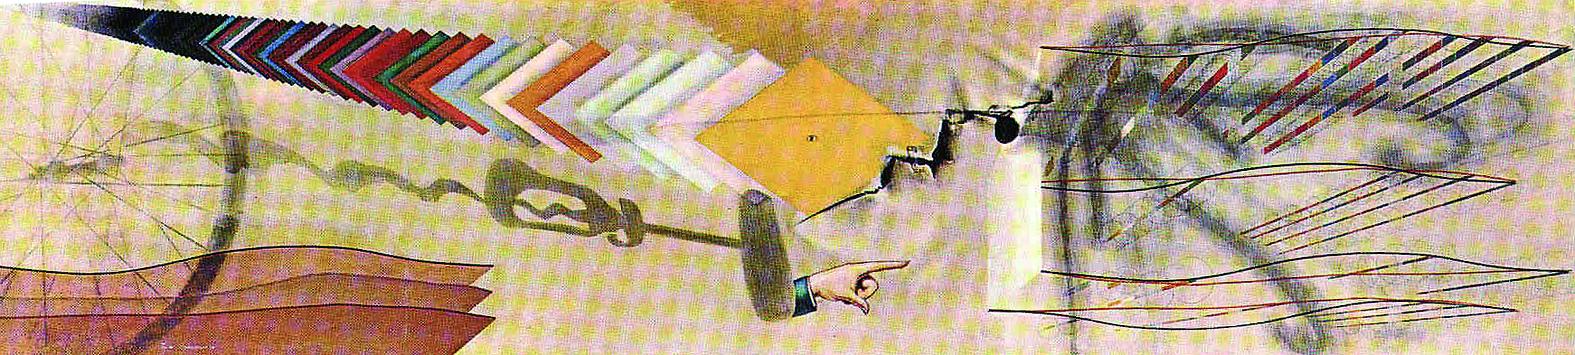 Marcel Duchamp, Tu m, 1918